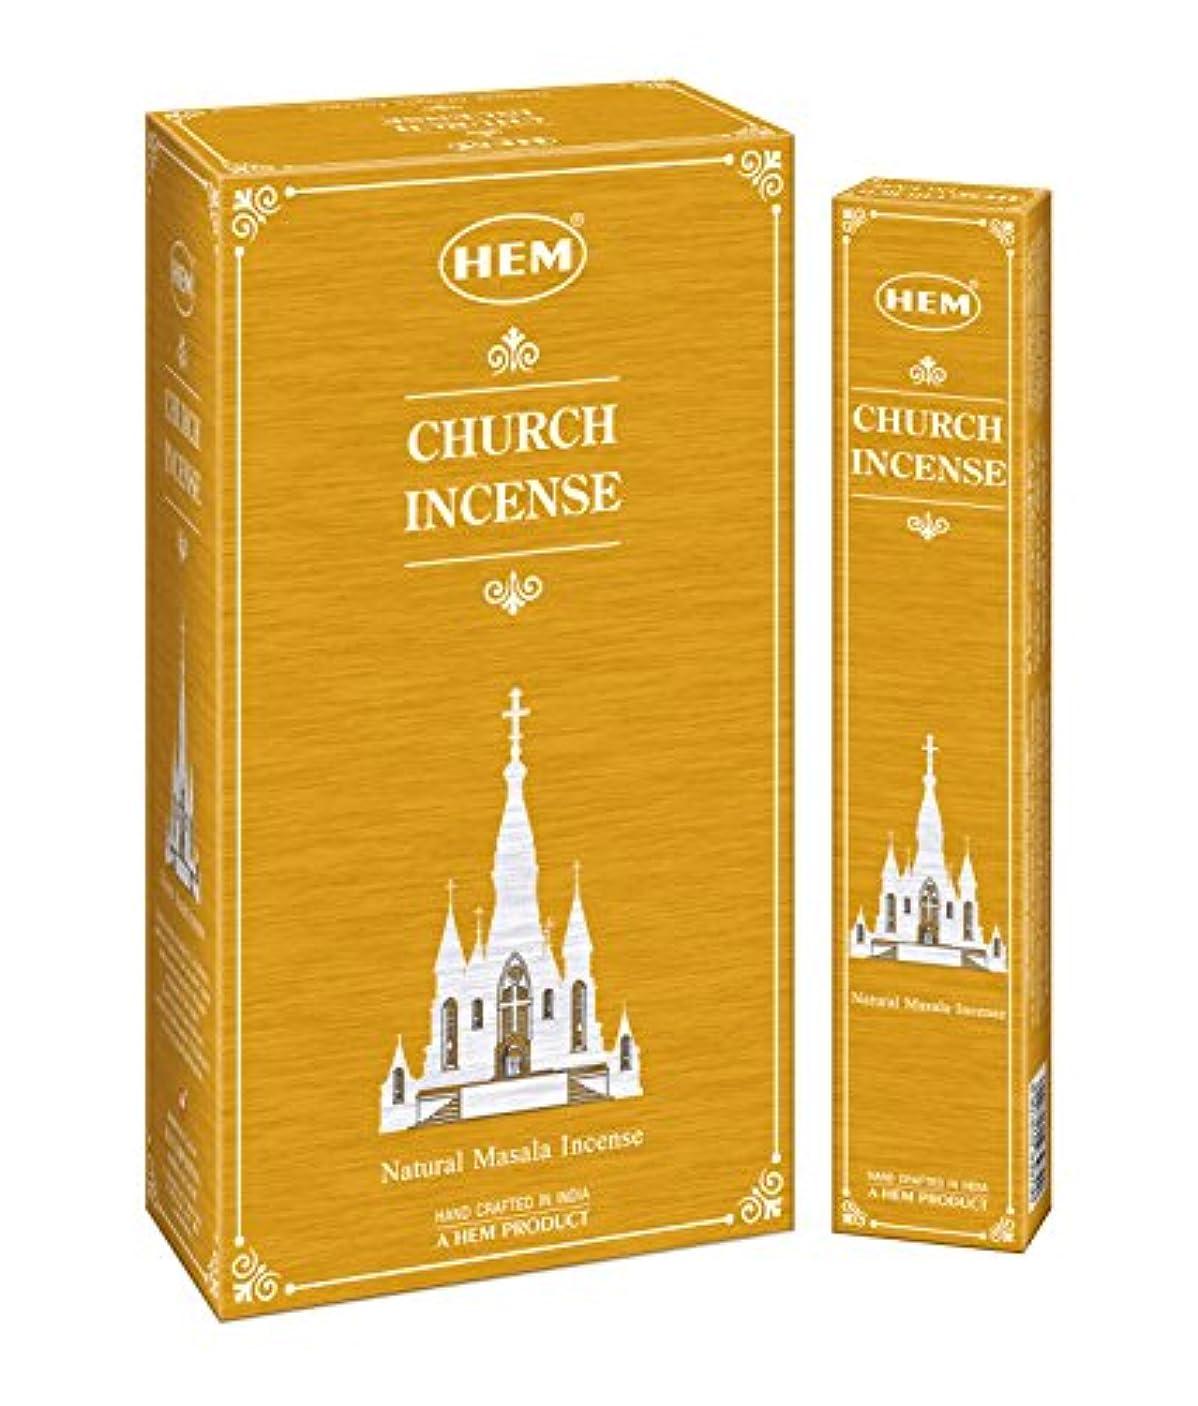 花に水をやるモールス信号シャンパンHemお香新しくLaunched Exclusive Fragrance教会Masala Incense Sticksのセット12ボックス、15グラム各)